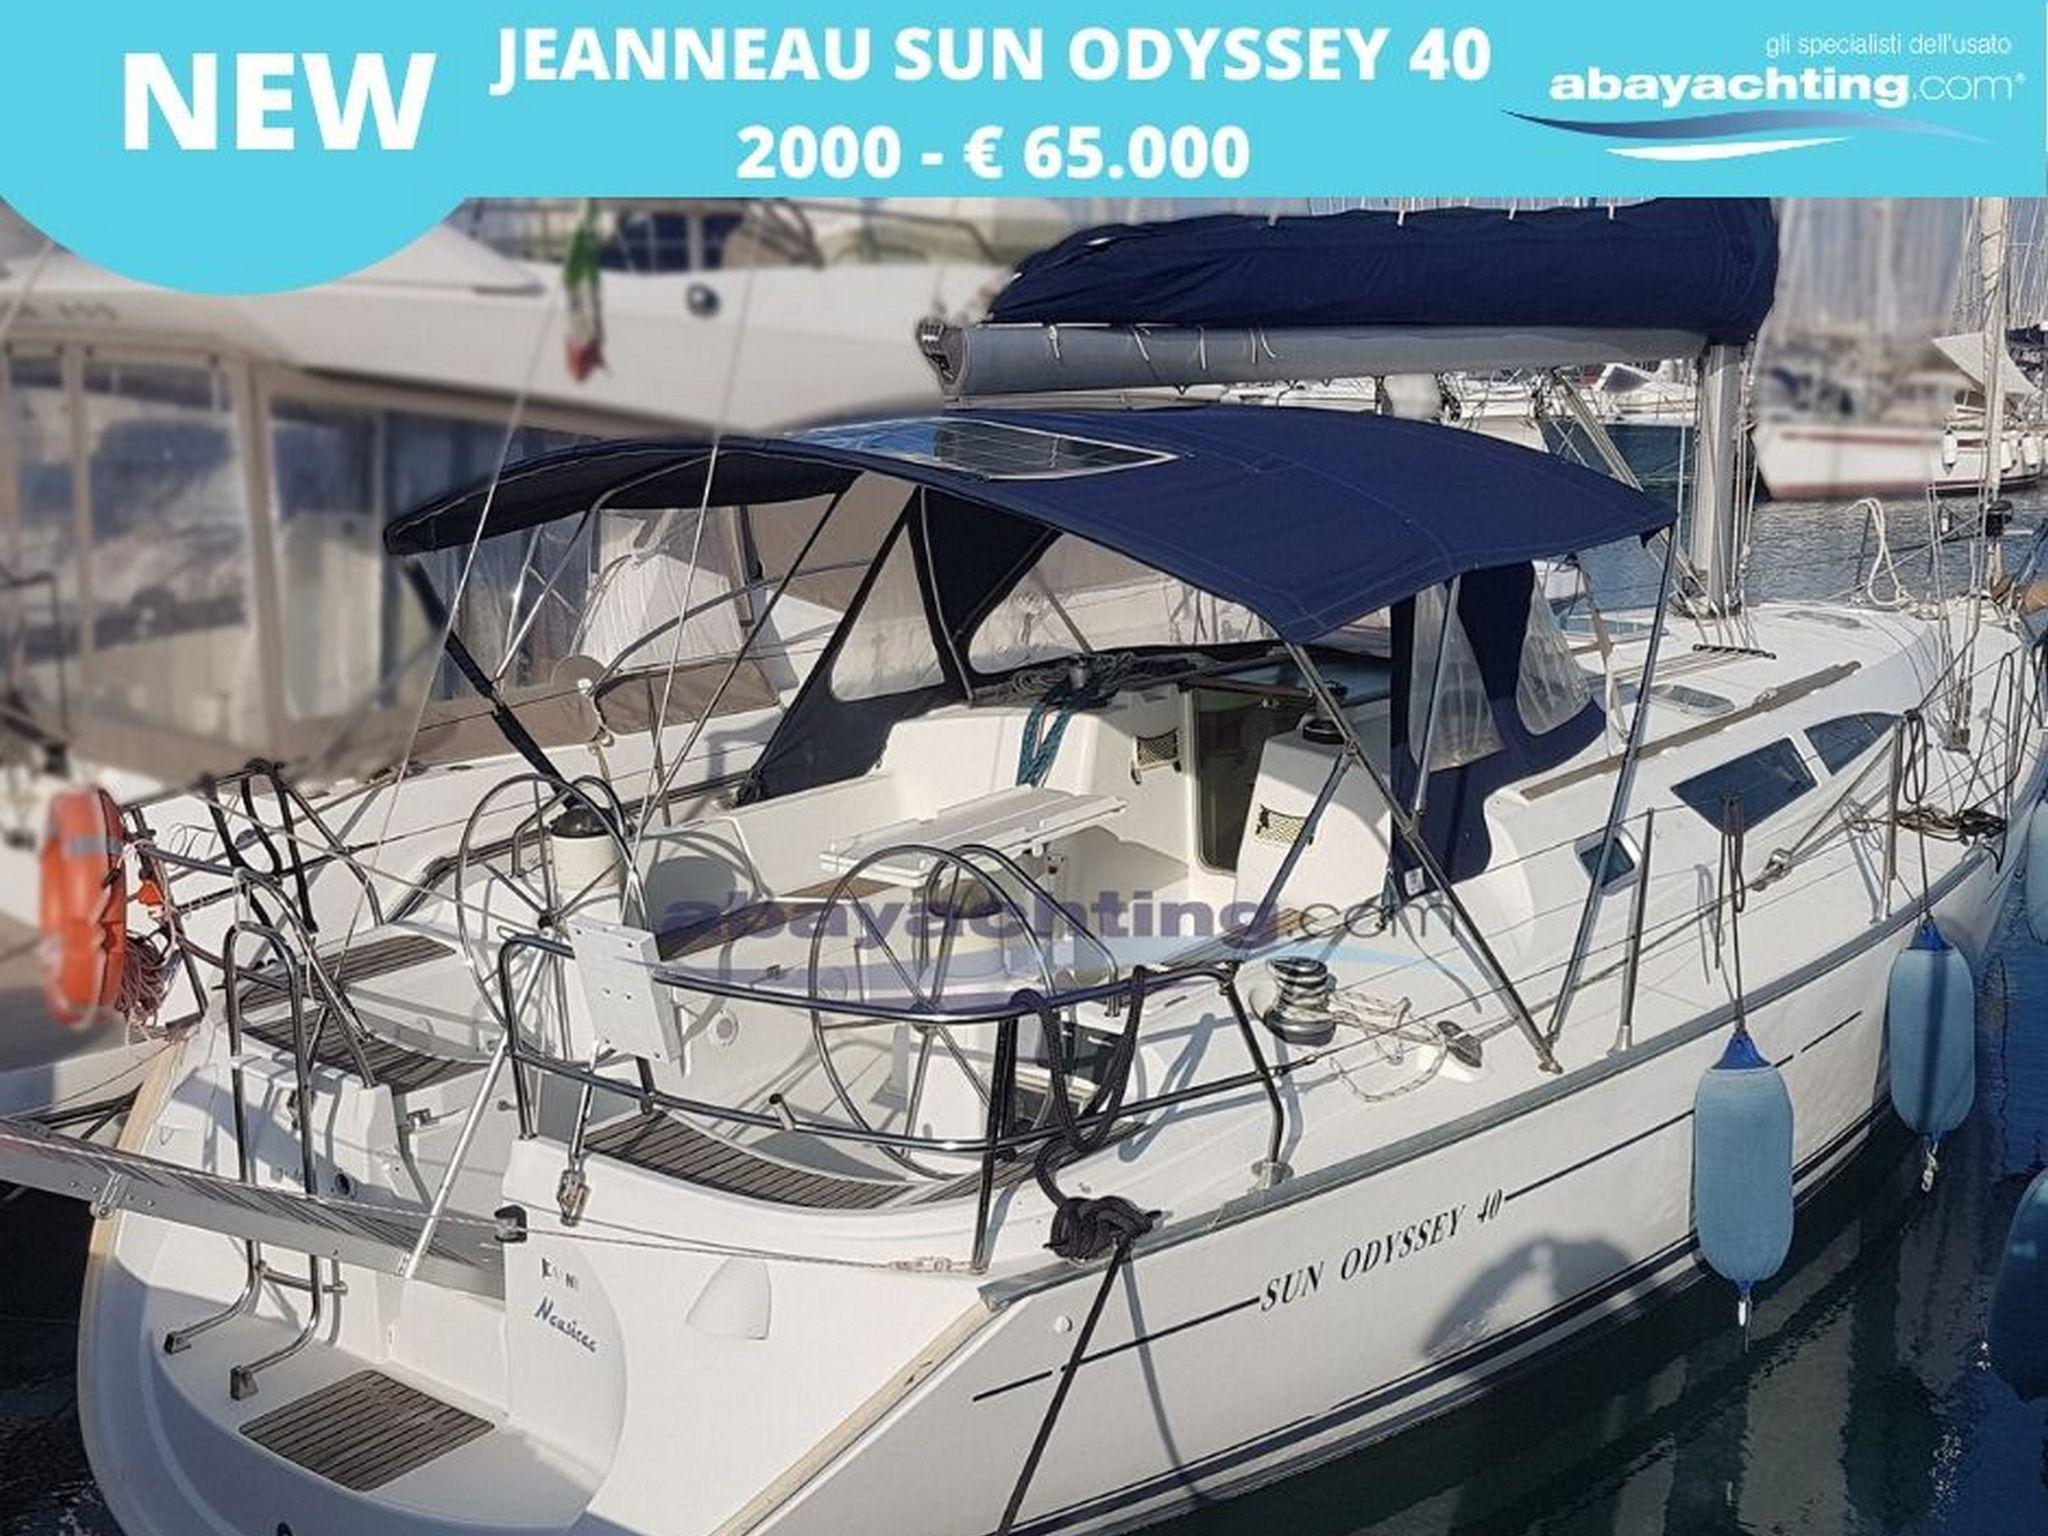 Nuovo arrivo Jeanneau Sun Odyssey 40